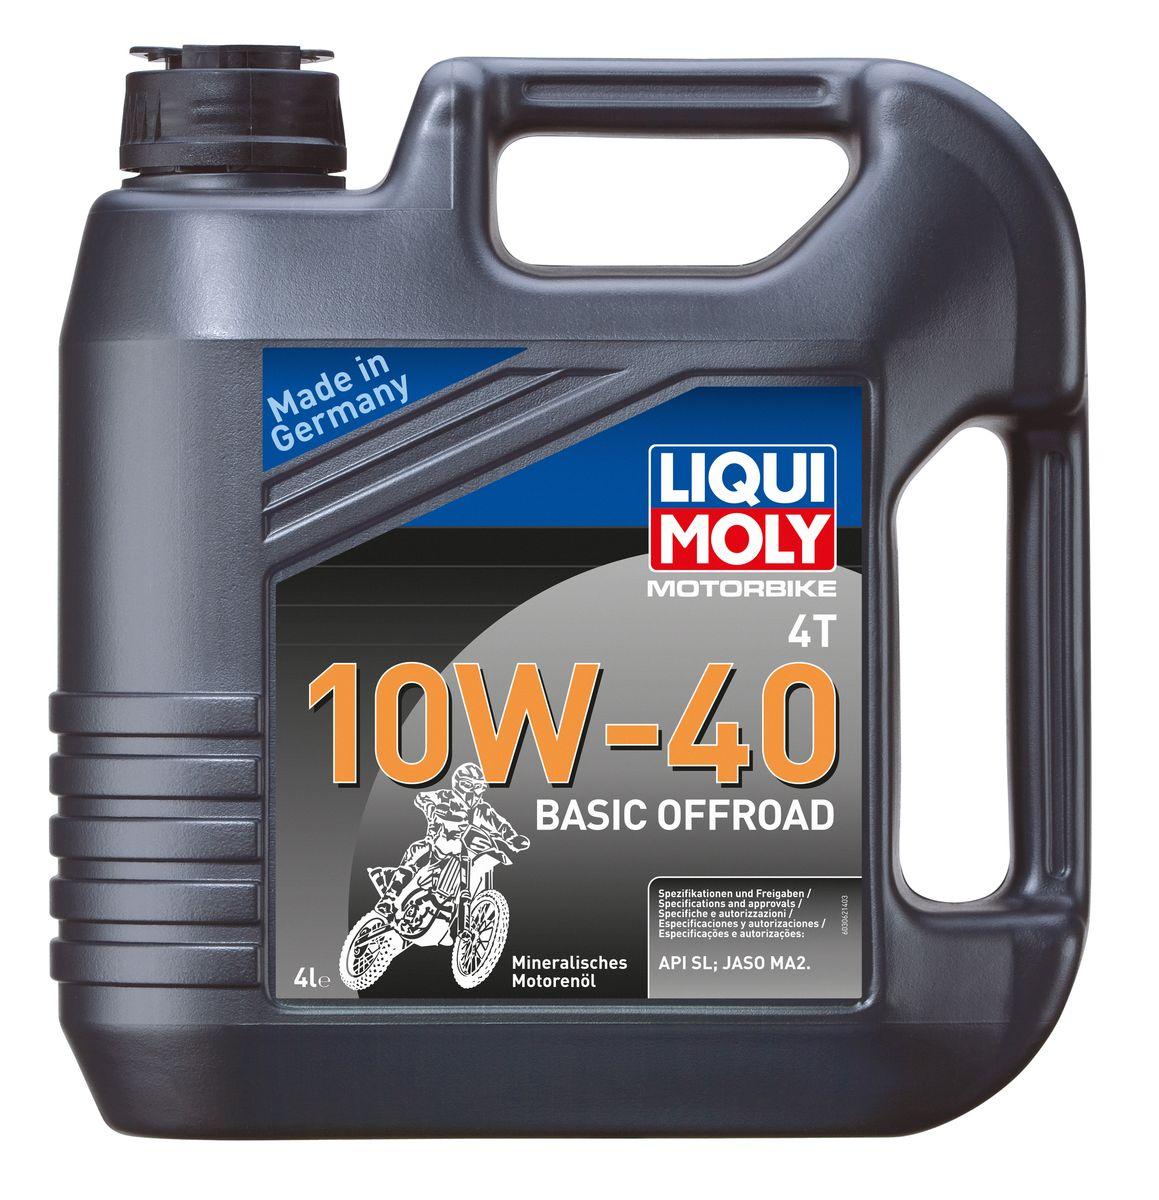 """Масло моторное Liqui Moly """"Motorbike 4T Basic Offroad"""", минеральное, 10W-40, 4 л"""